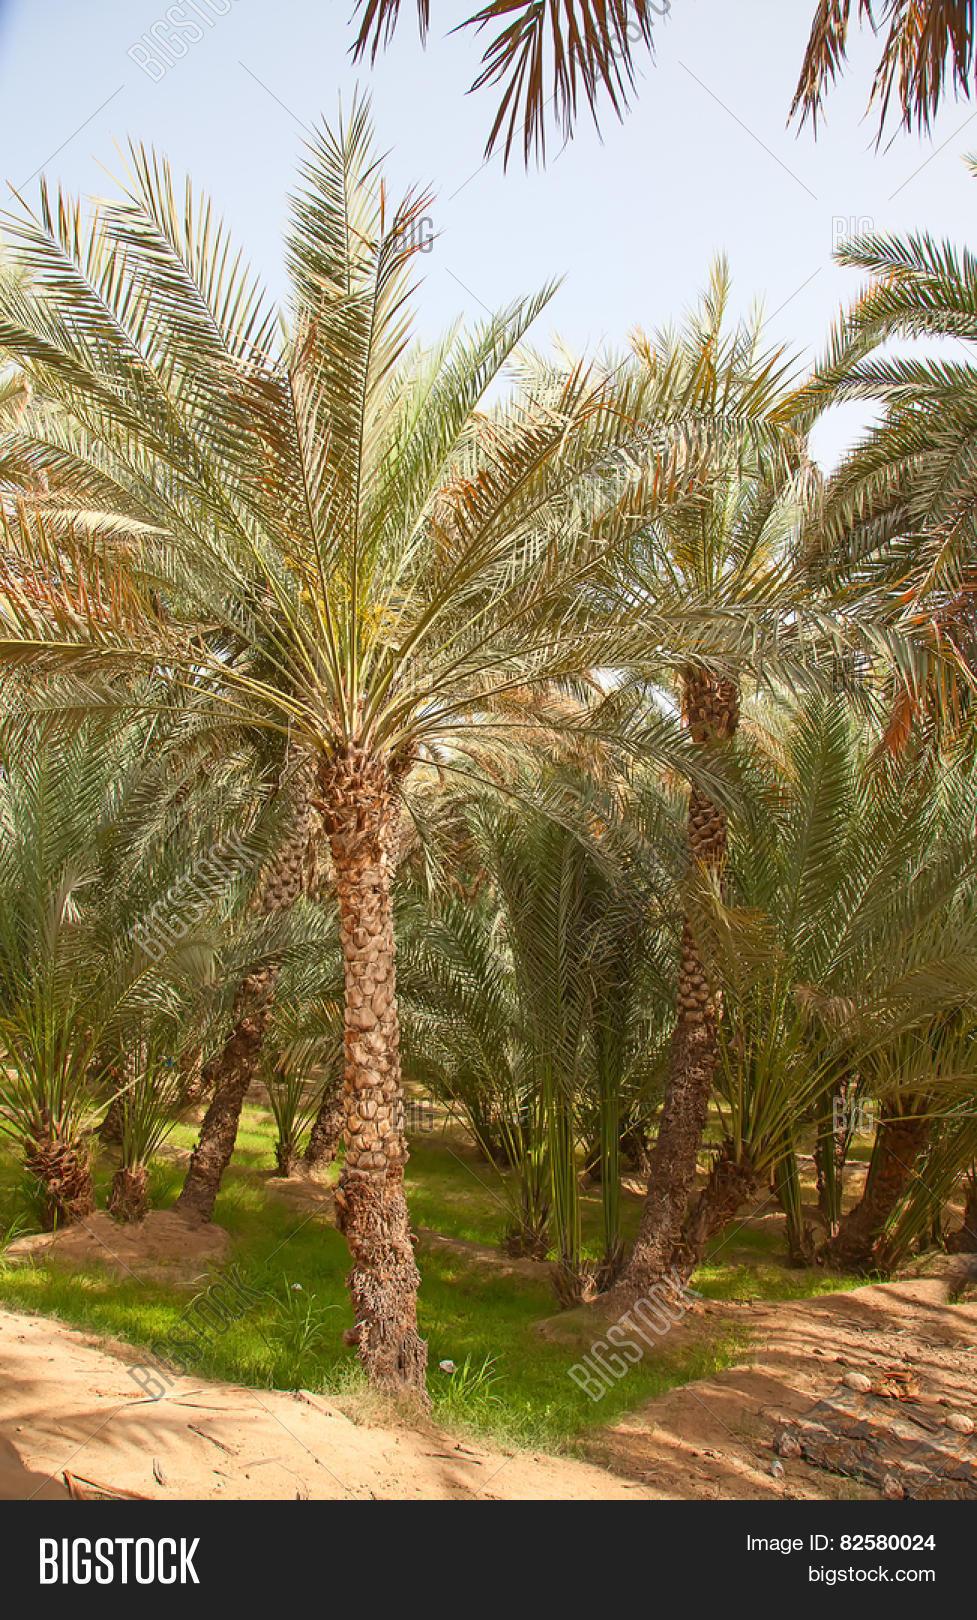 Palm Garden Riyadh Image & Photo (Free Trial)   Bigstock